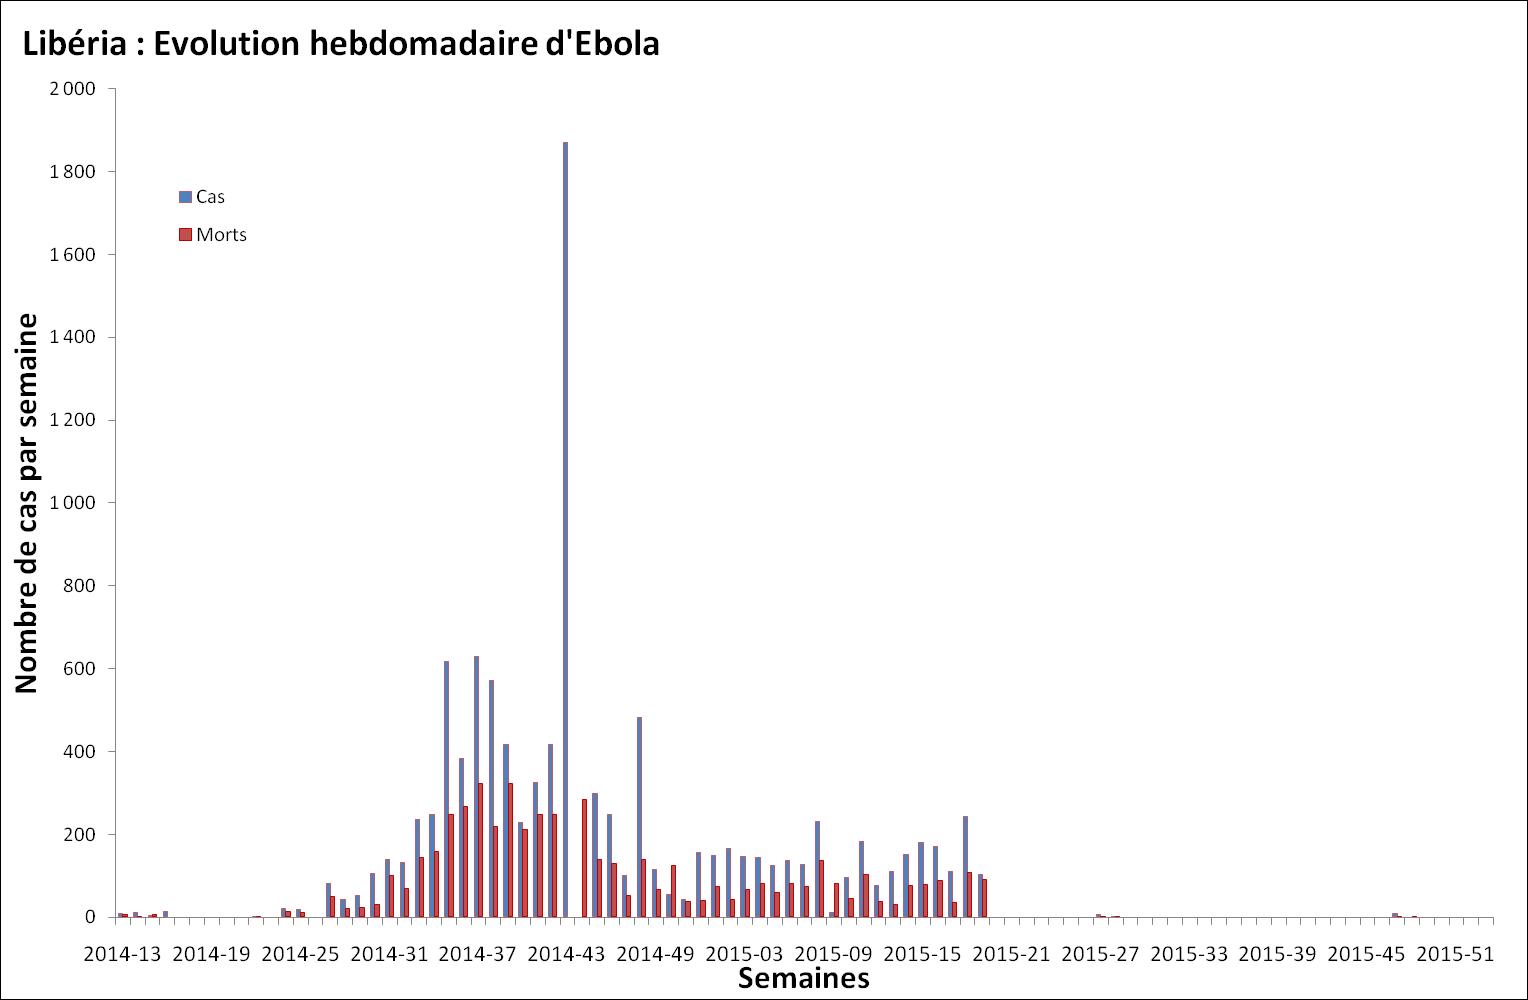 Nombre de malades et de décès dus au virus Ebola survenant chaque semaine au Liberia